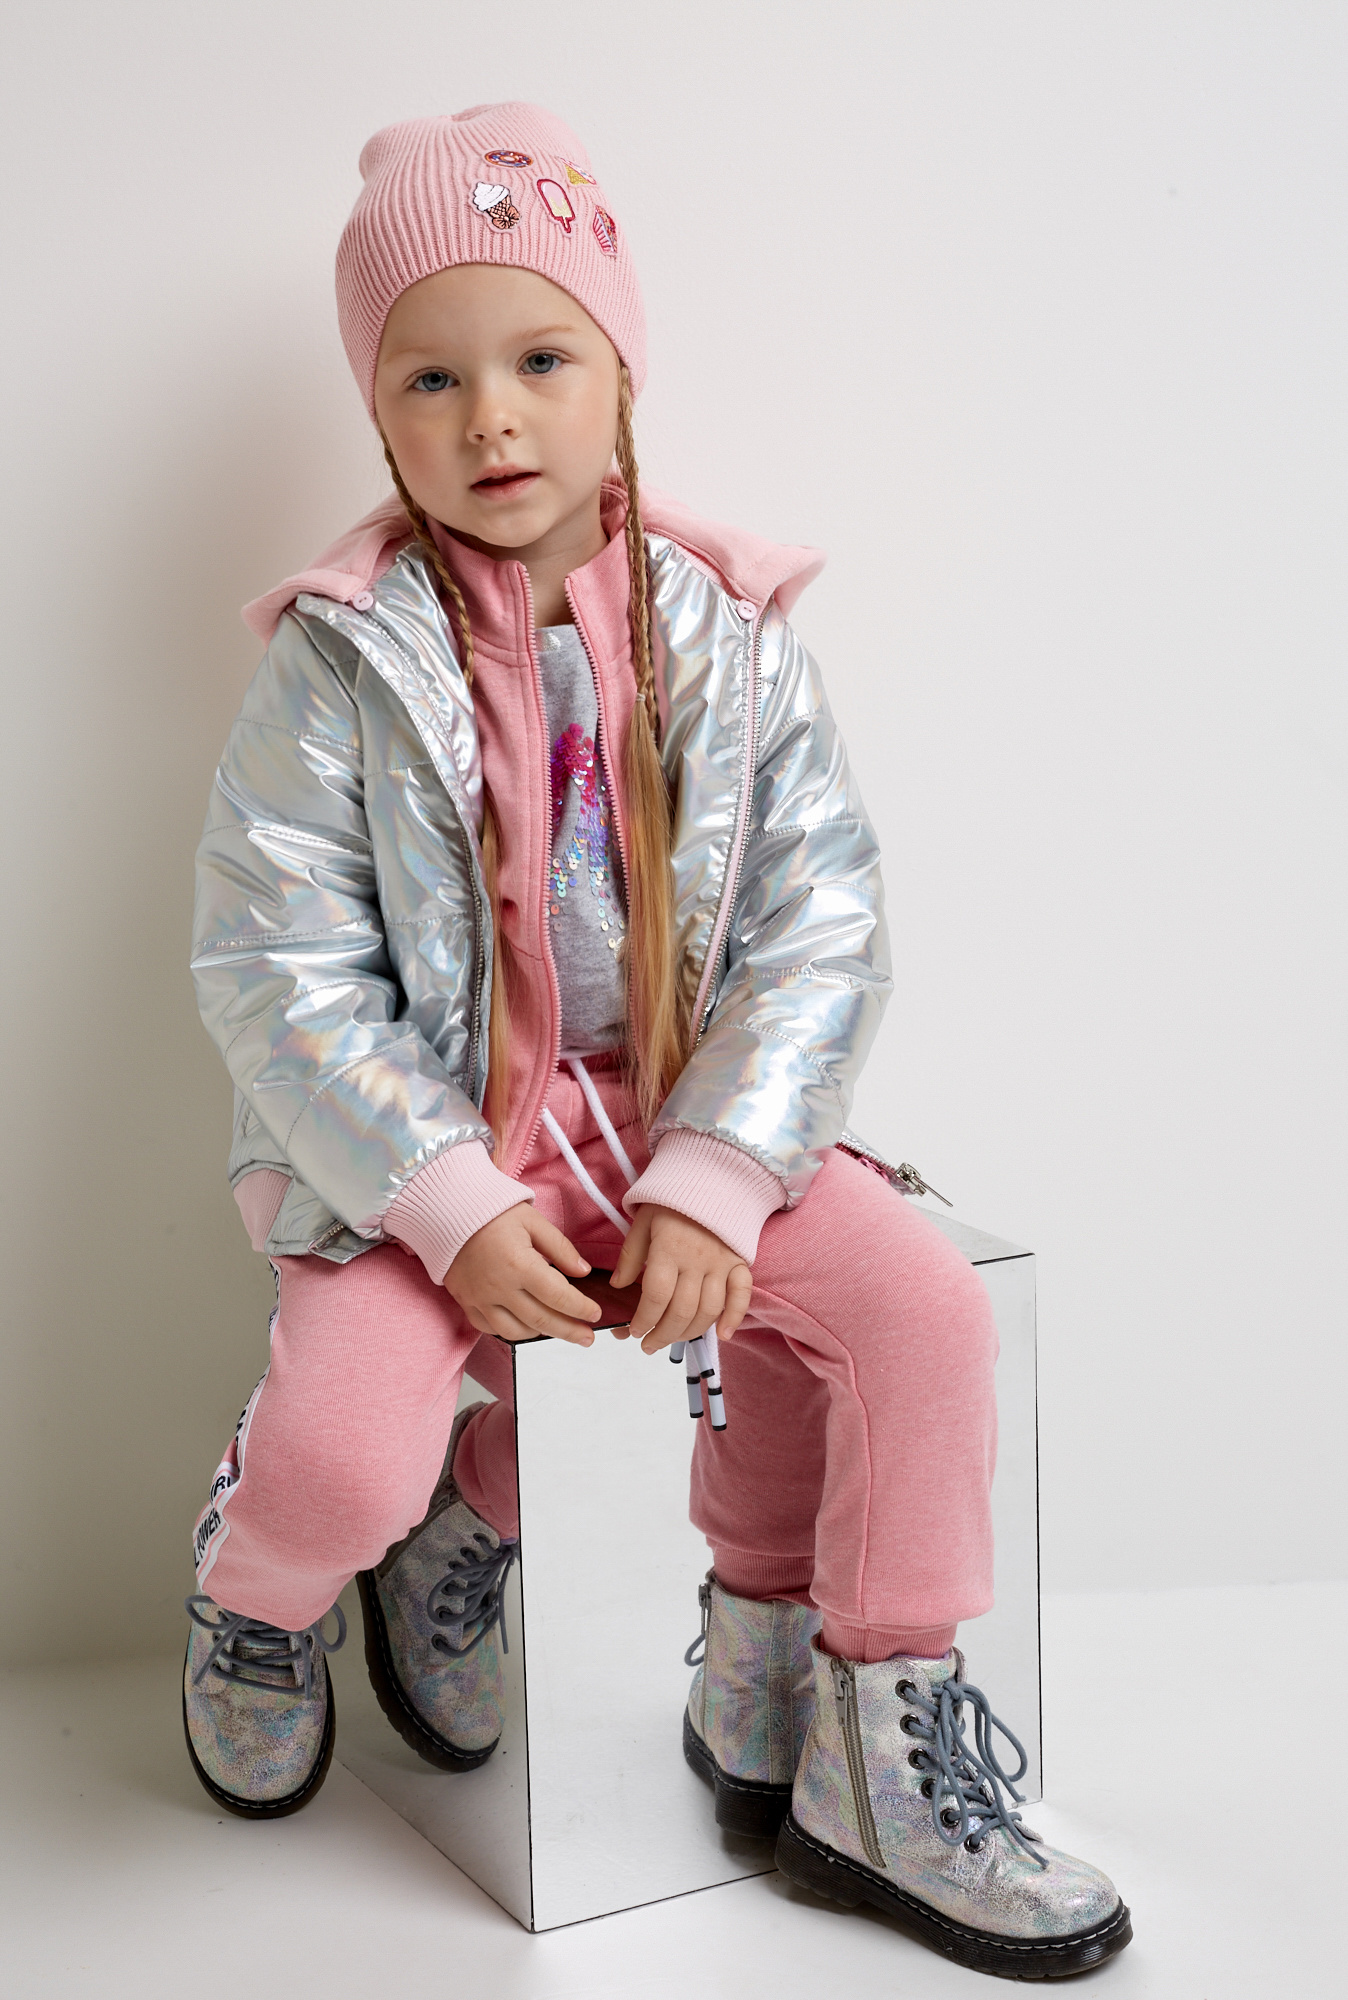 Куртка Acoola куртка для девочки acoola tyrion цвет разноцветный 20210130179 9000 размер 146